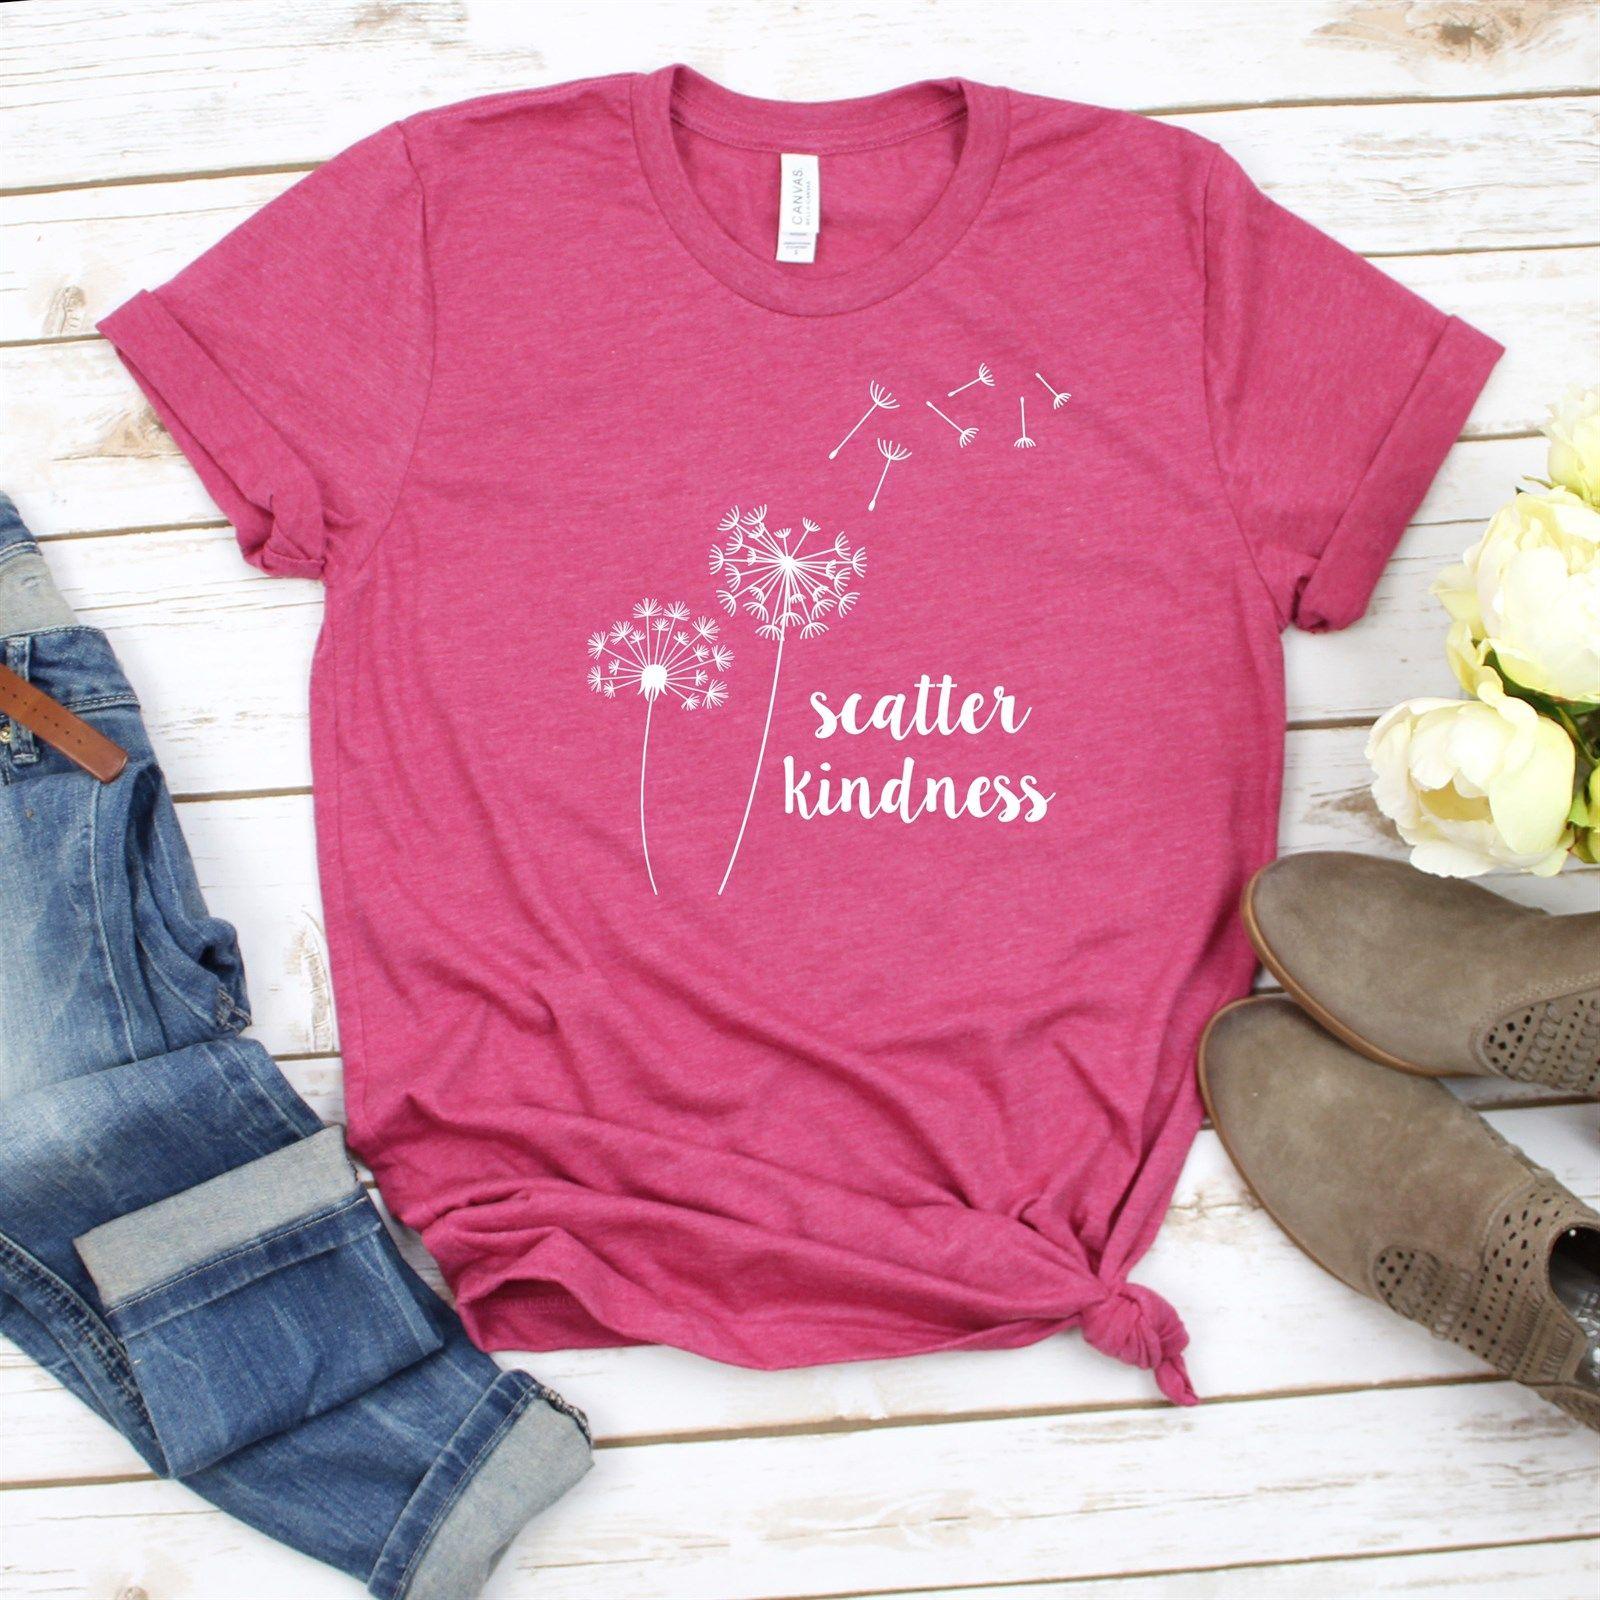 Park Art|My WordPress Blog_Be A Good Human Shirt Brand